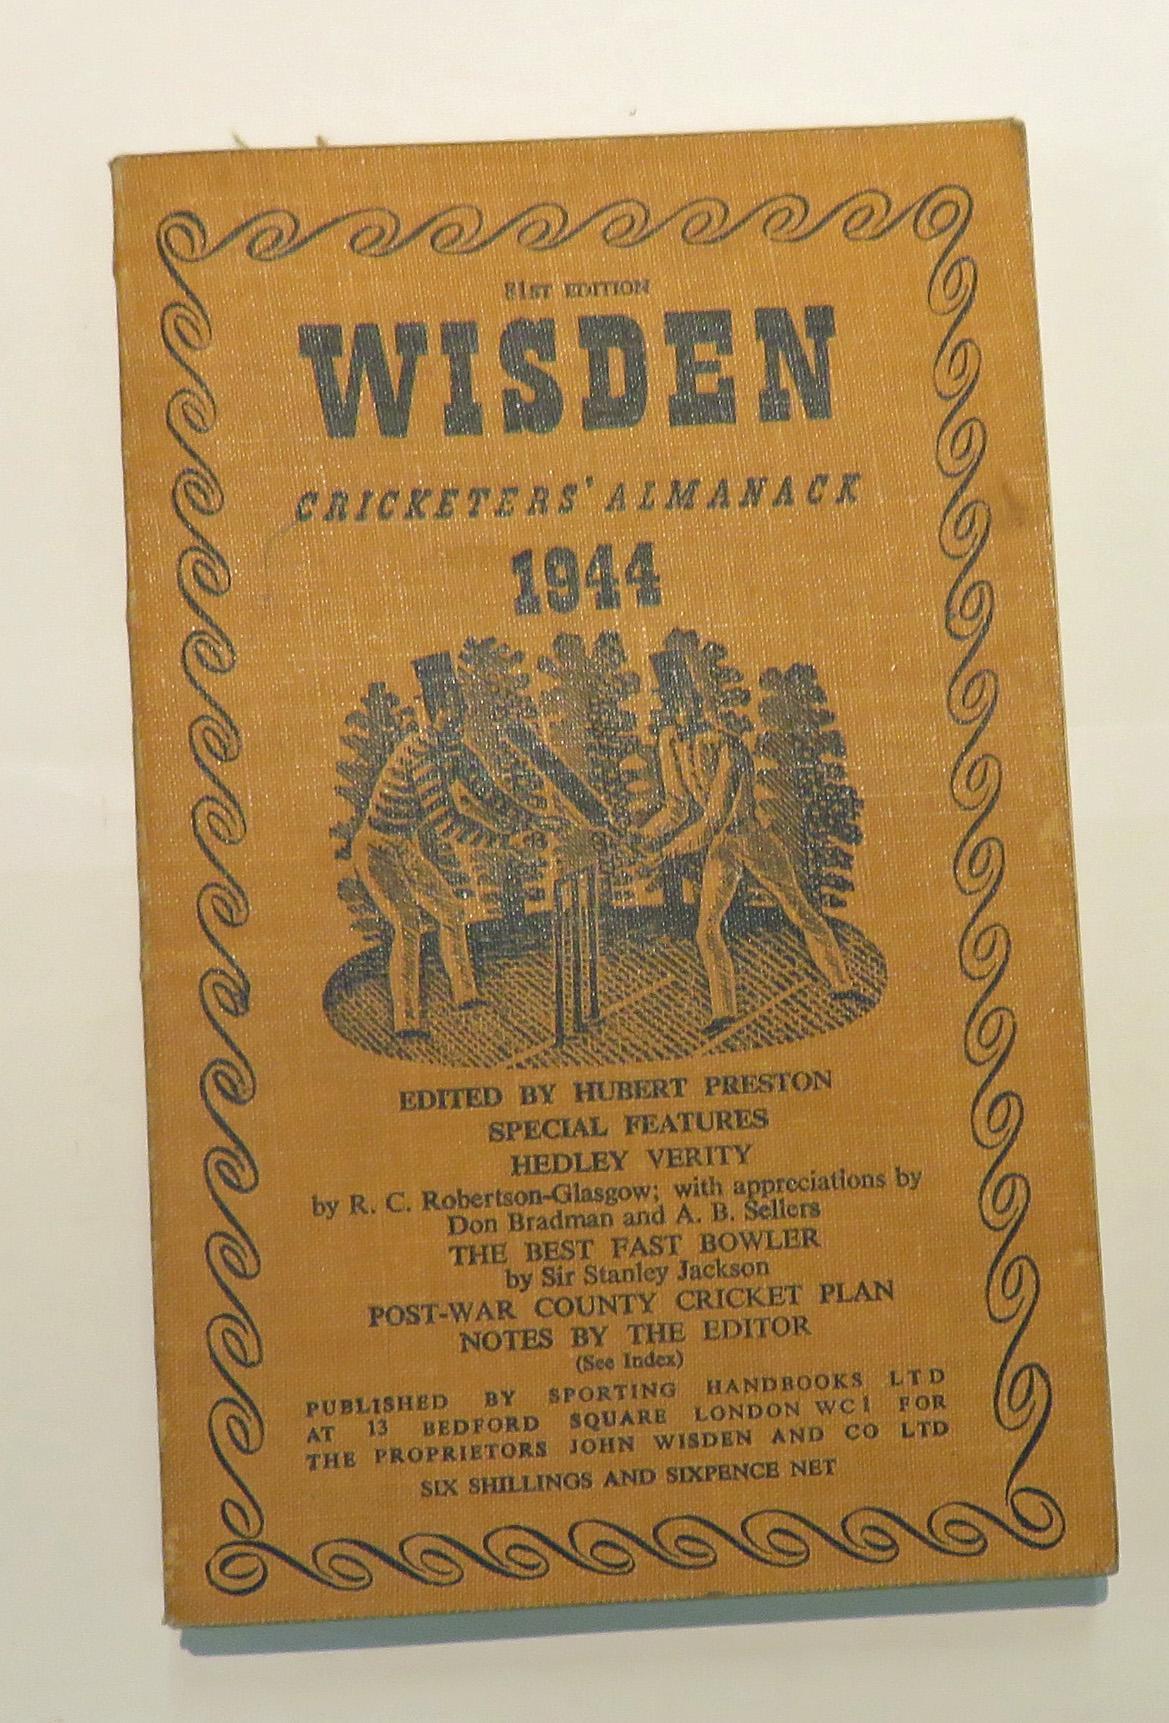 **Wisden Cricketers' Almanack 1944**